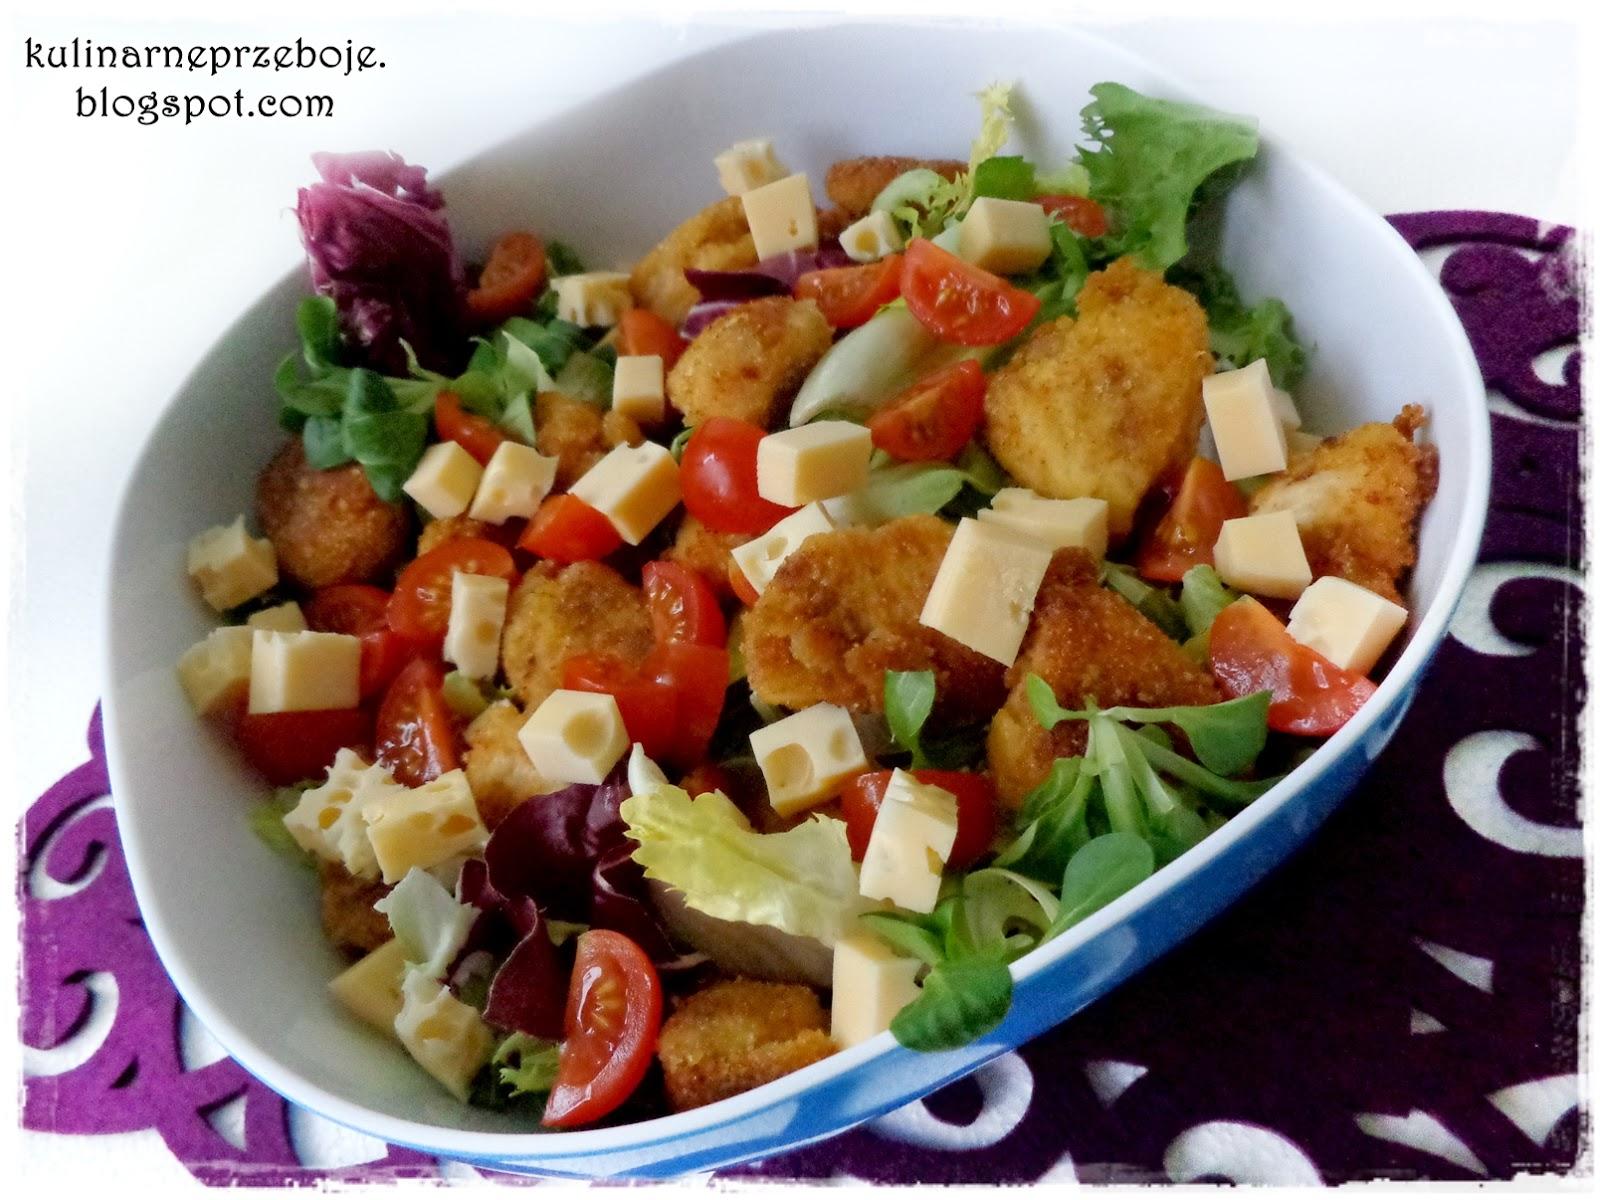 Sałatka z nuggetsami, rukolą, serem, pomidorkami cherry w sosie musztardowym